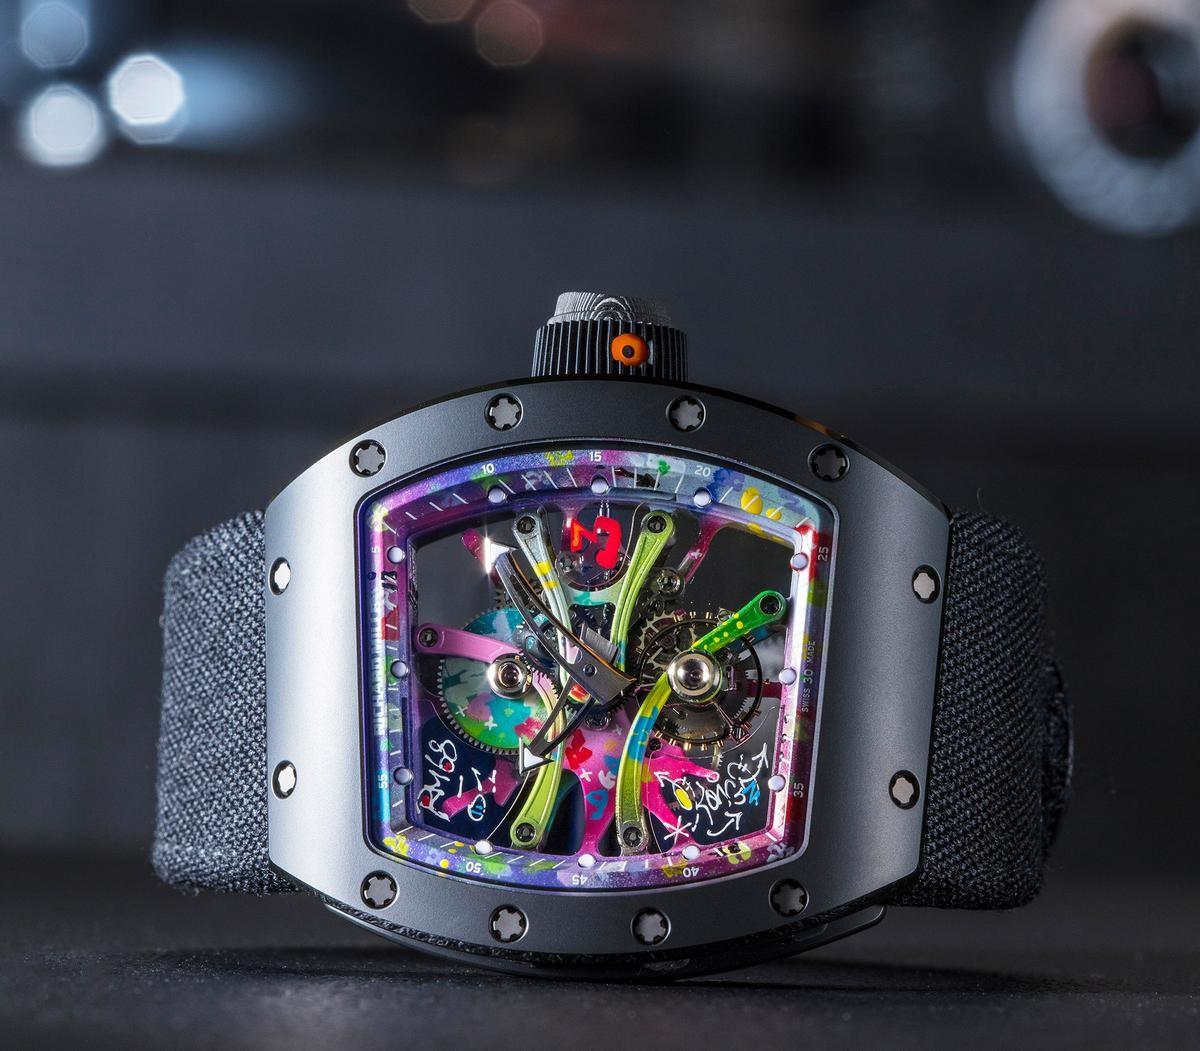 【專題】關於錶壇貴公子RICHARD MILLE,還有什麼是你所不知道的?